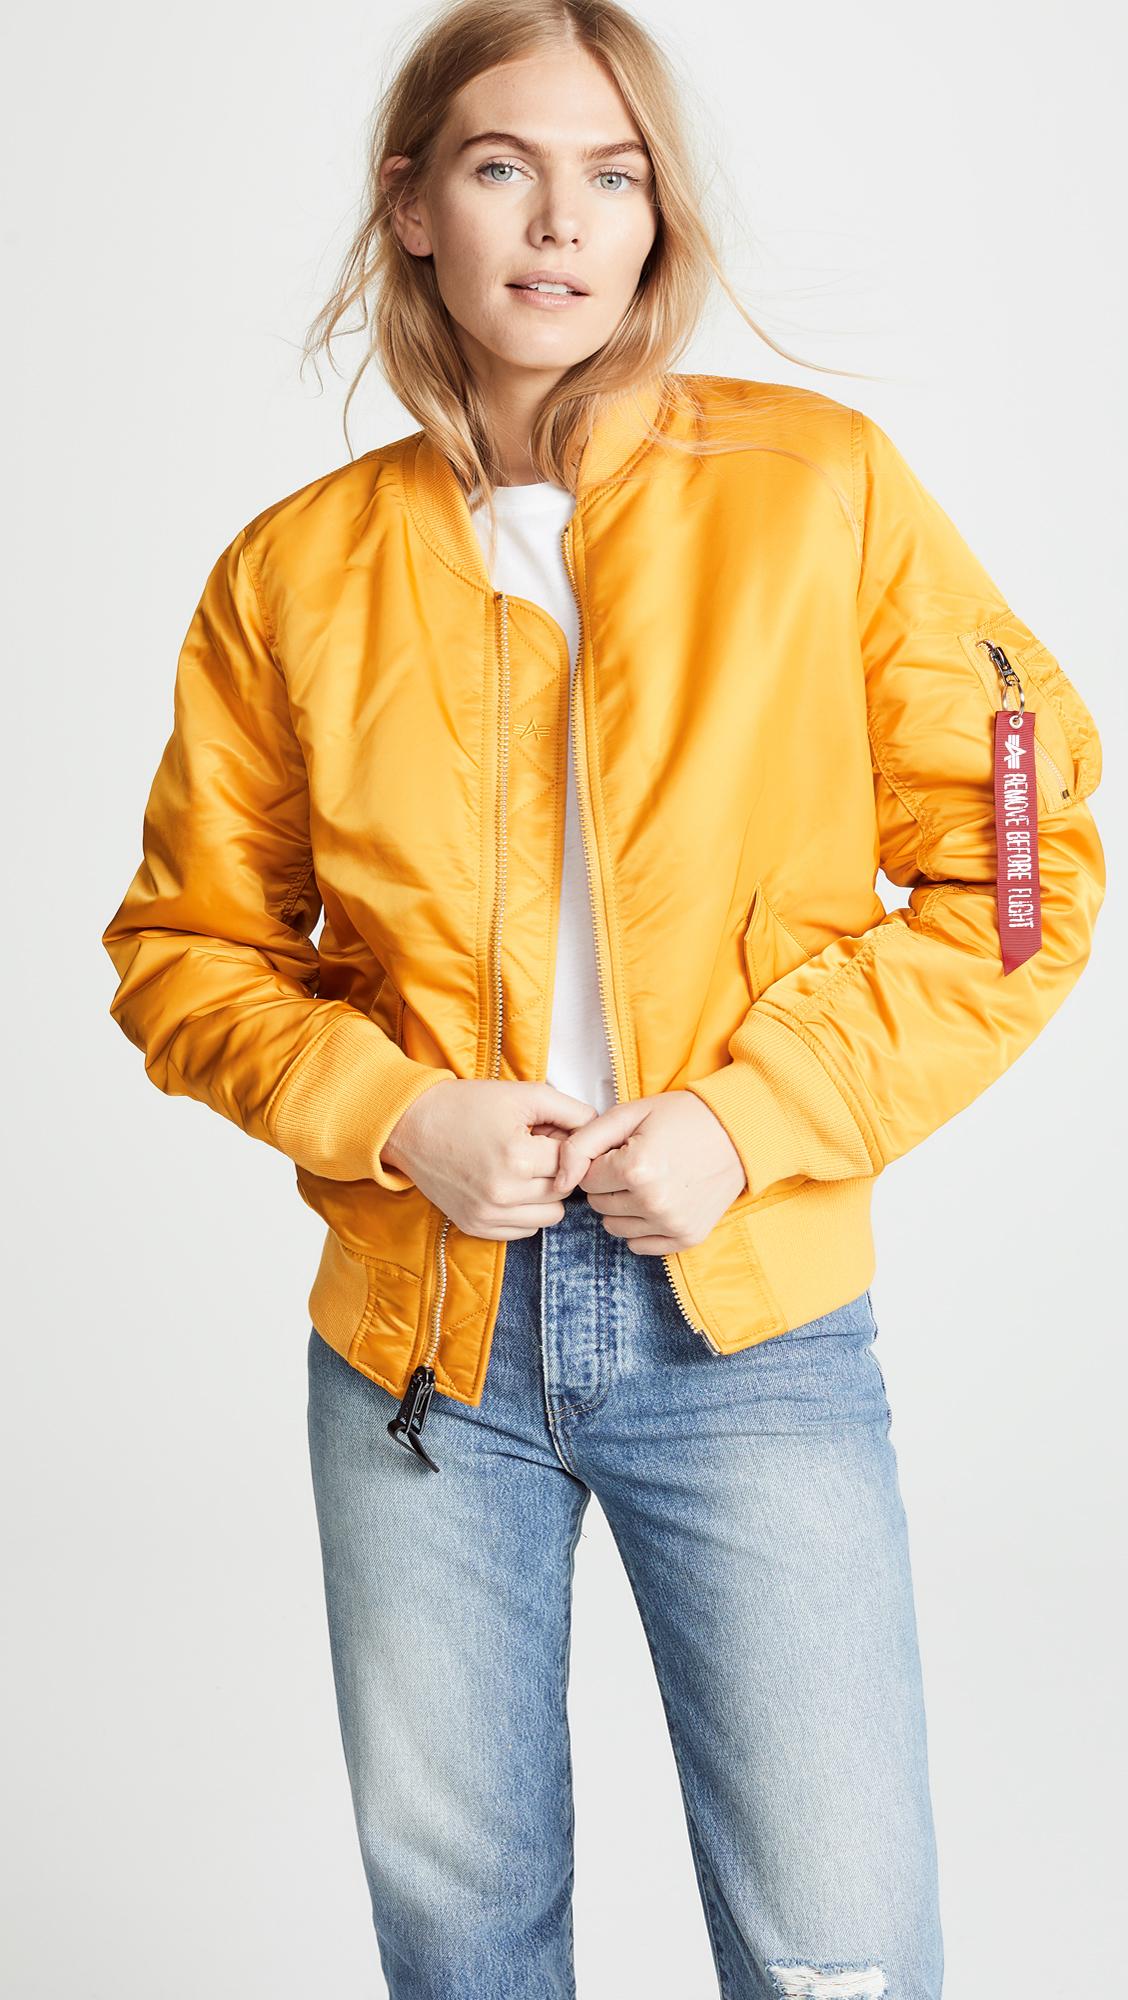 Куртка женские Alpha Industries модель WJM44500C1_Golden_Yellow отзывы, 2017